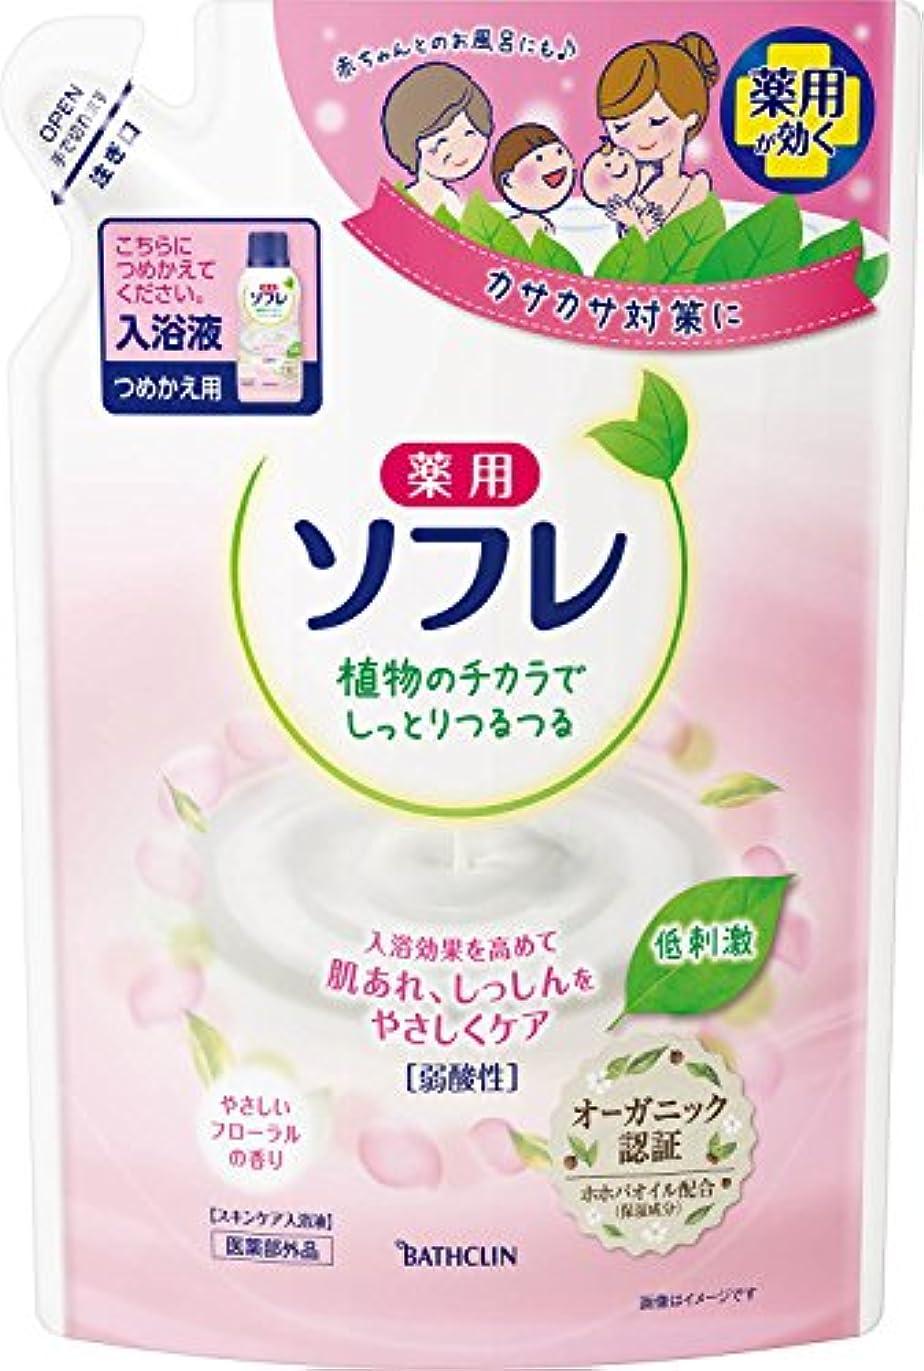 どきどき偏差測定可能【医薬部外品】薬用ソフレ スキンケア入浴剤 やさしいフローラルの香り つめかえ用 600ml 入浴剤(赤ちゃんと一緒に使えます) 保湿タイプ